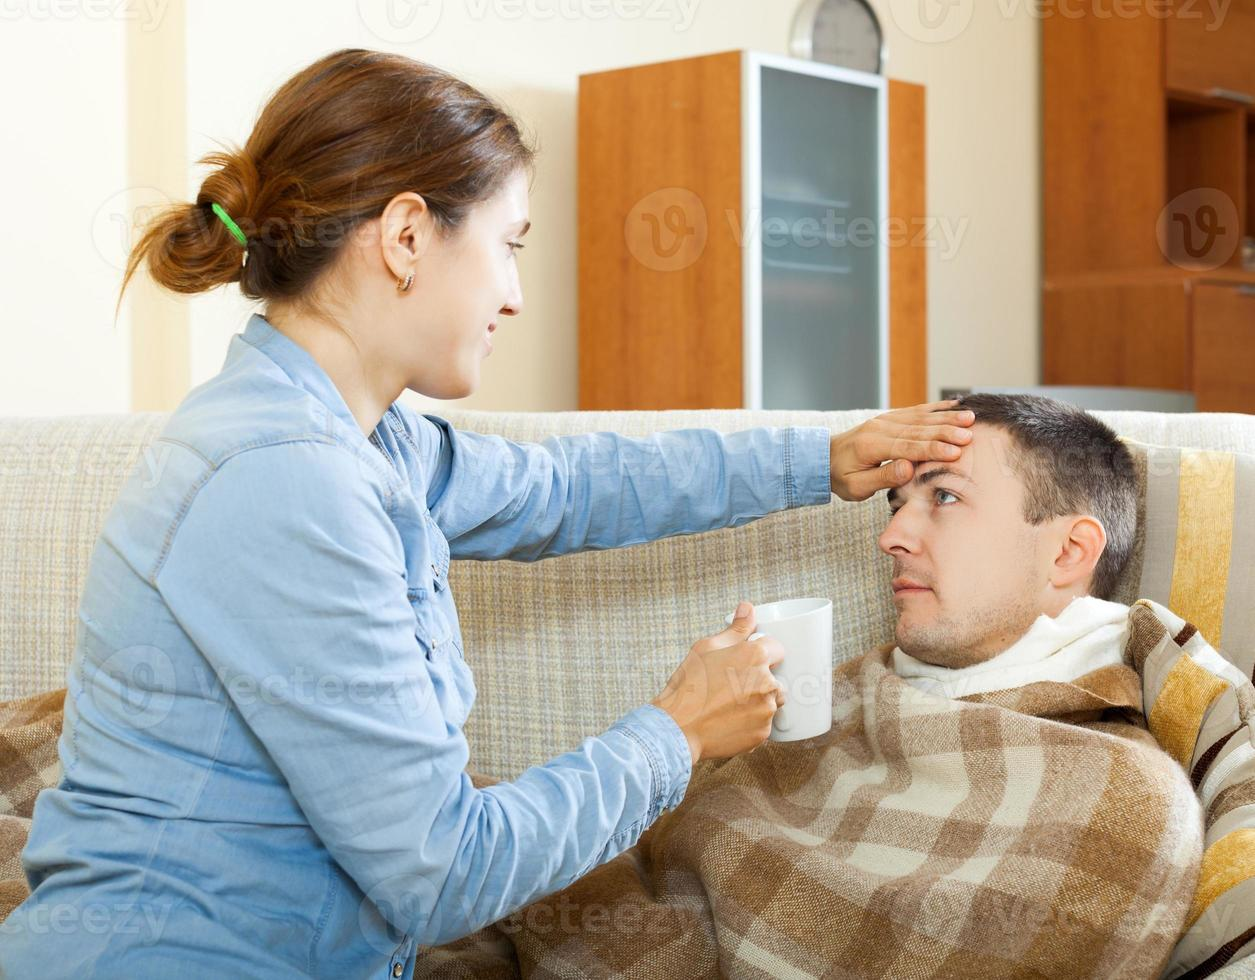 donna che si prende cura dell'uomo malato foto